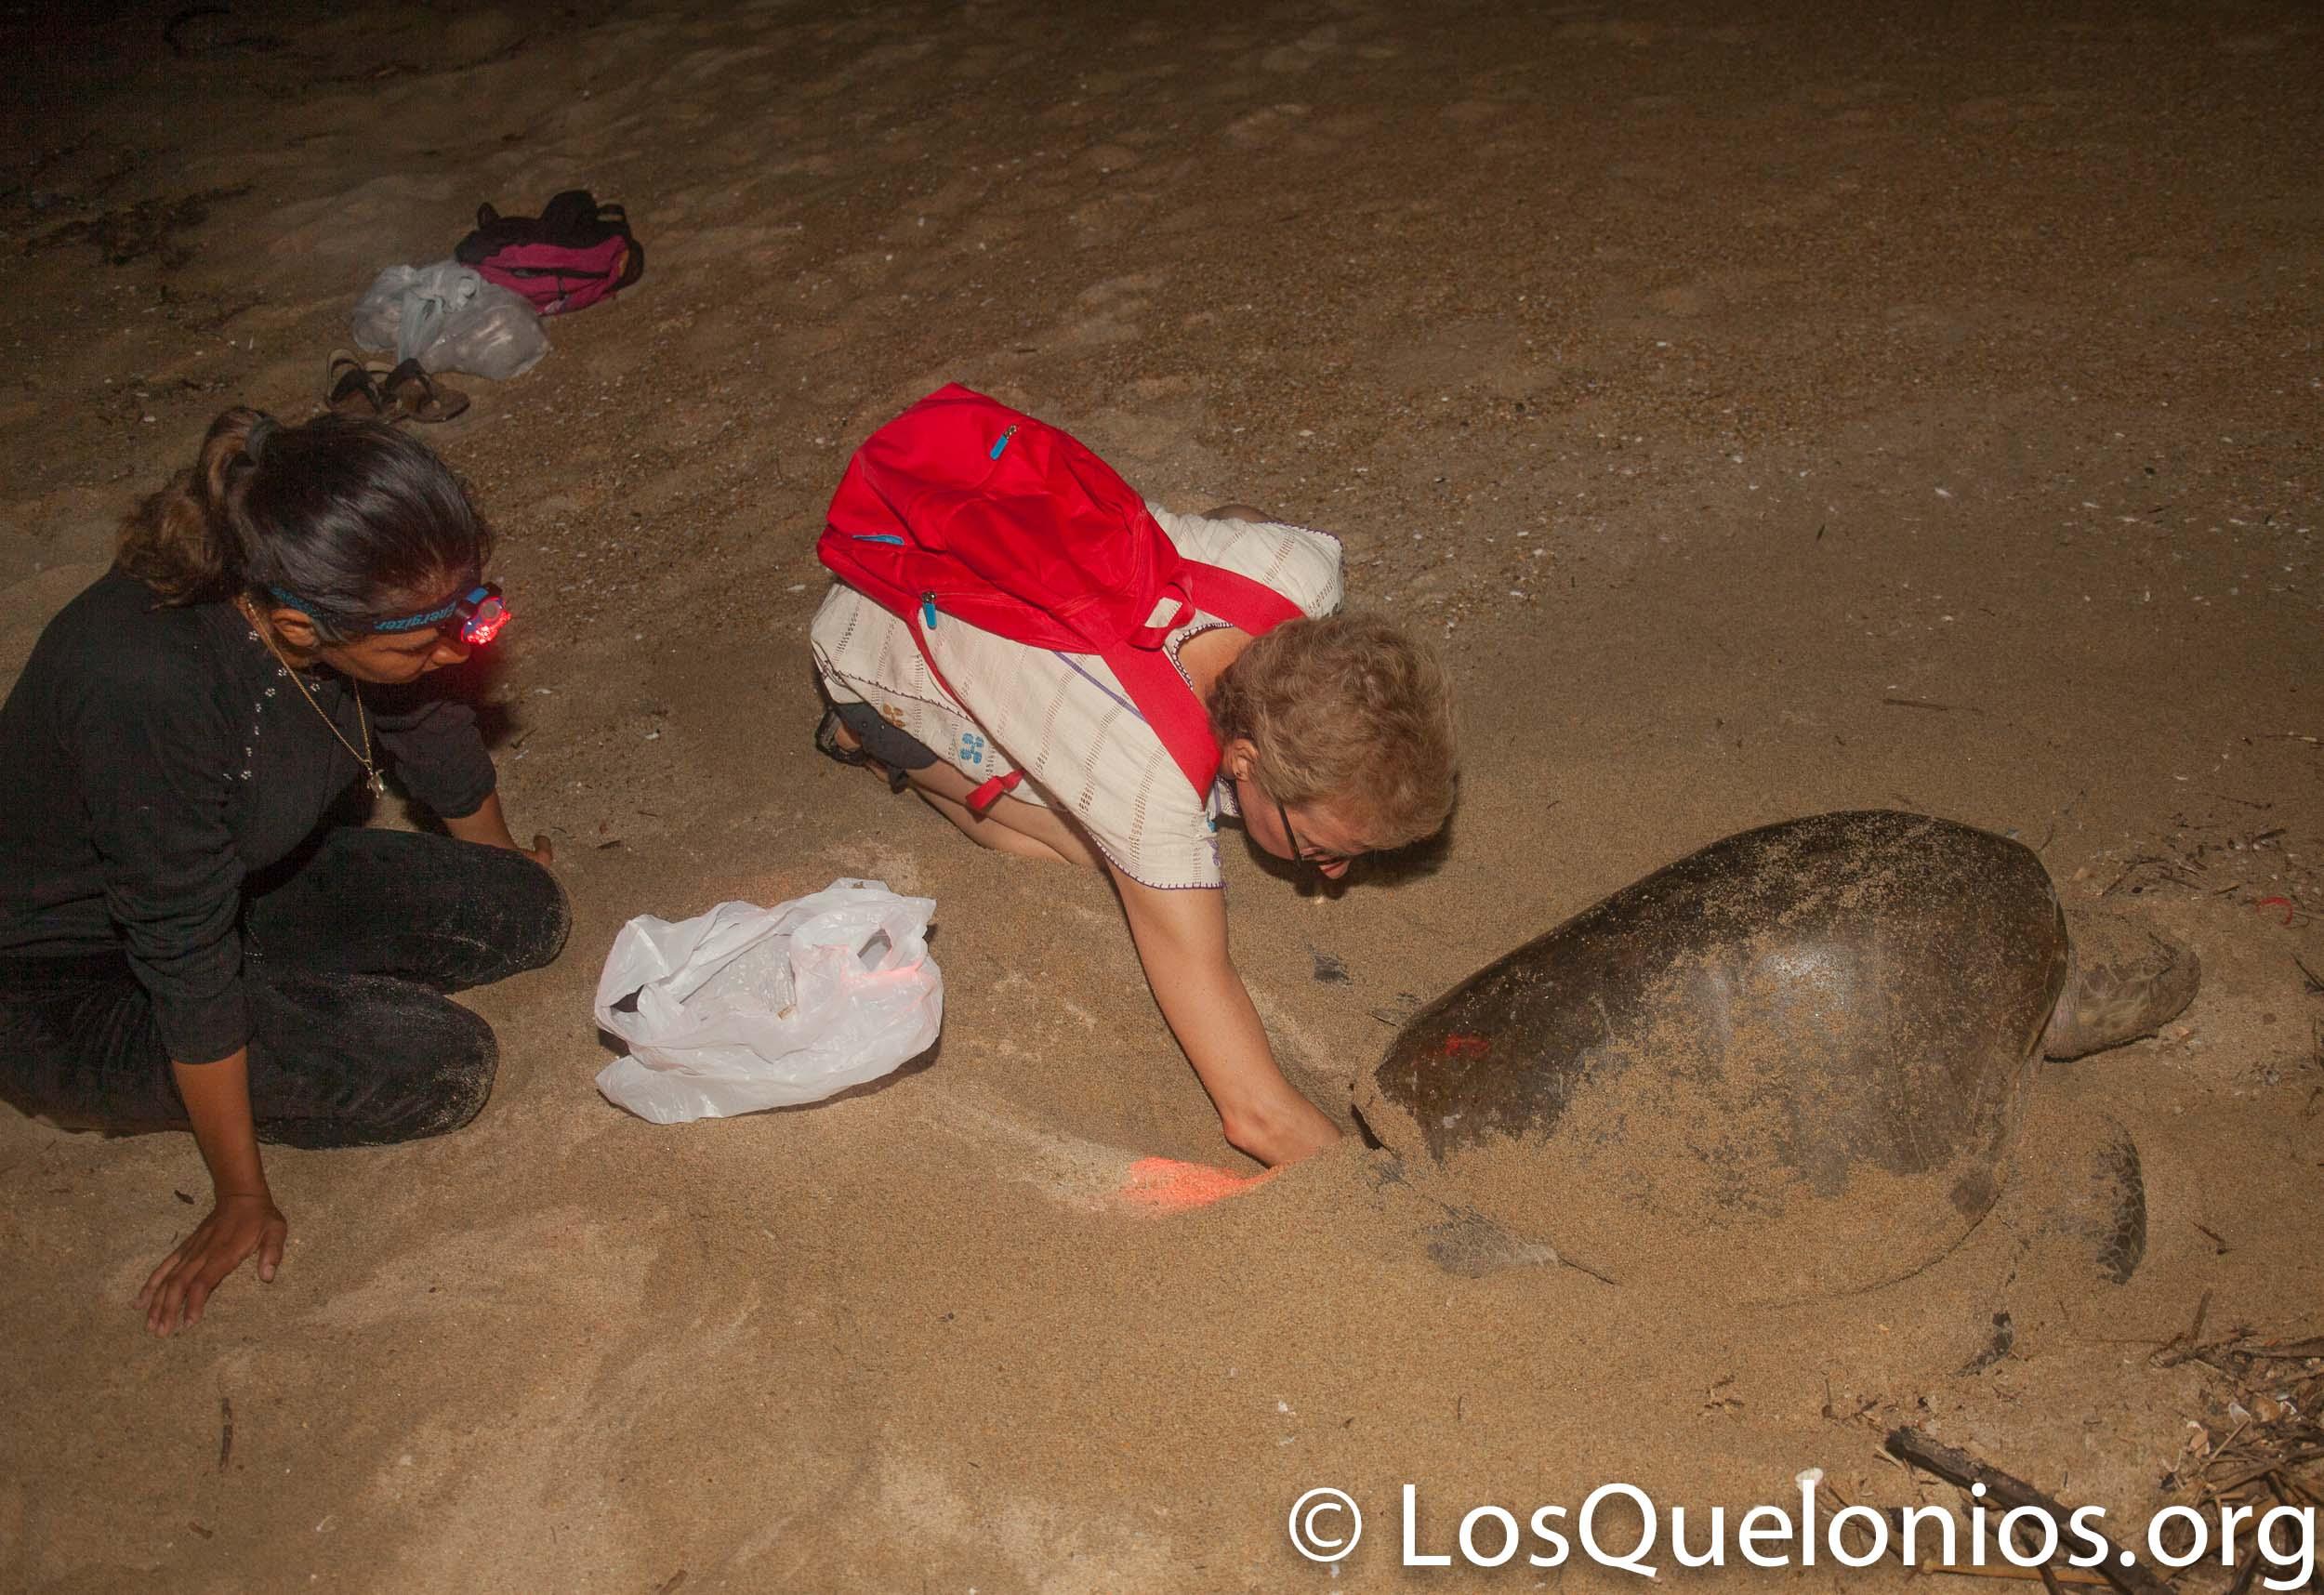 """Campamento Tortuguero Los Quelonios. Playa Ventura, Copala. Guerrero, México. - Colectando huevos para """"sembrarlos"""" en el vivero del campamento. LosQuelonios.org"""